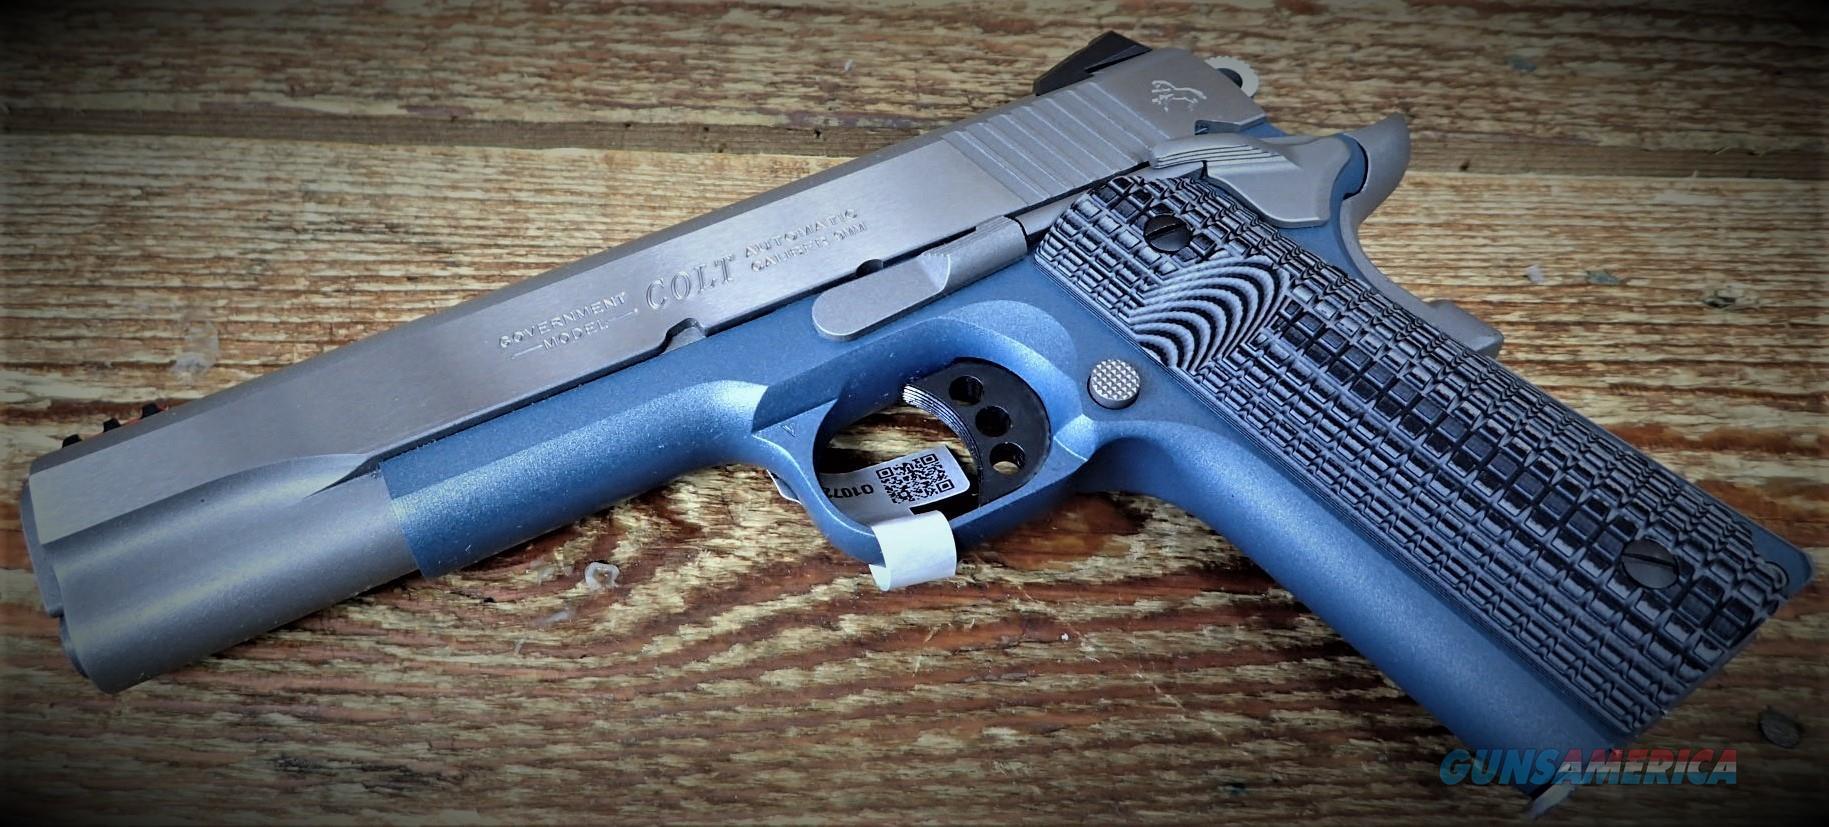 COLT GOVENMENT COMPETITION TITANIUM O1072CCSBT /EZ Pay $64  Guns > Pistols > Colt Automatic Pistols (1911 & Var)